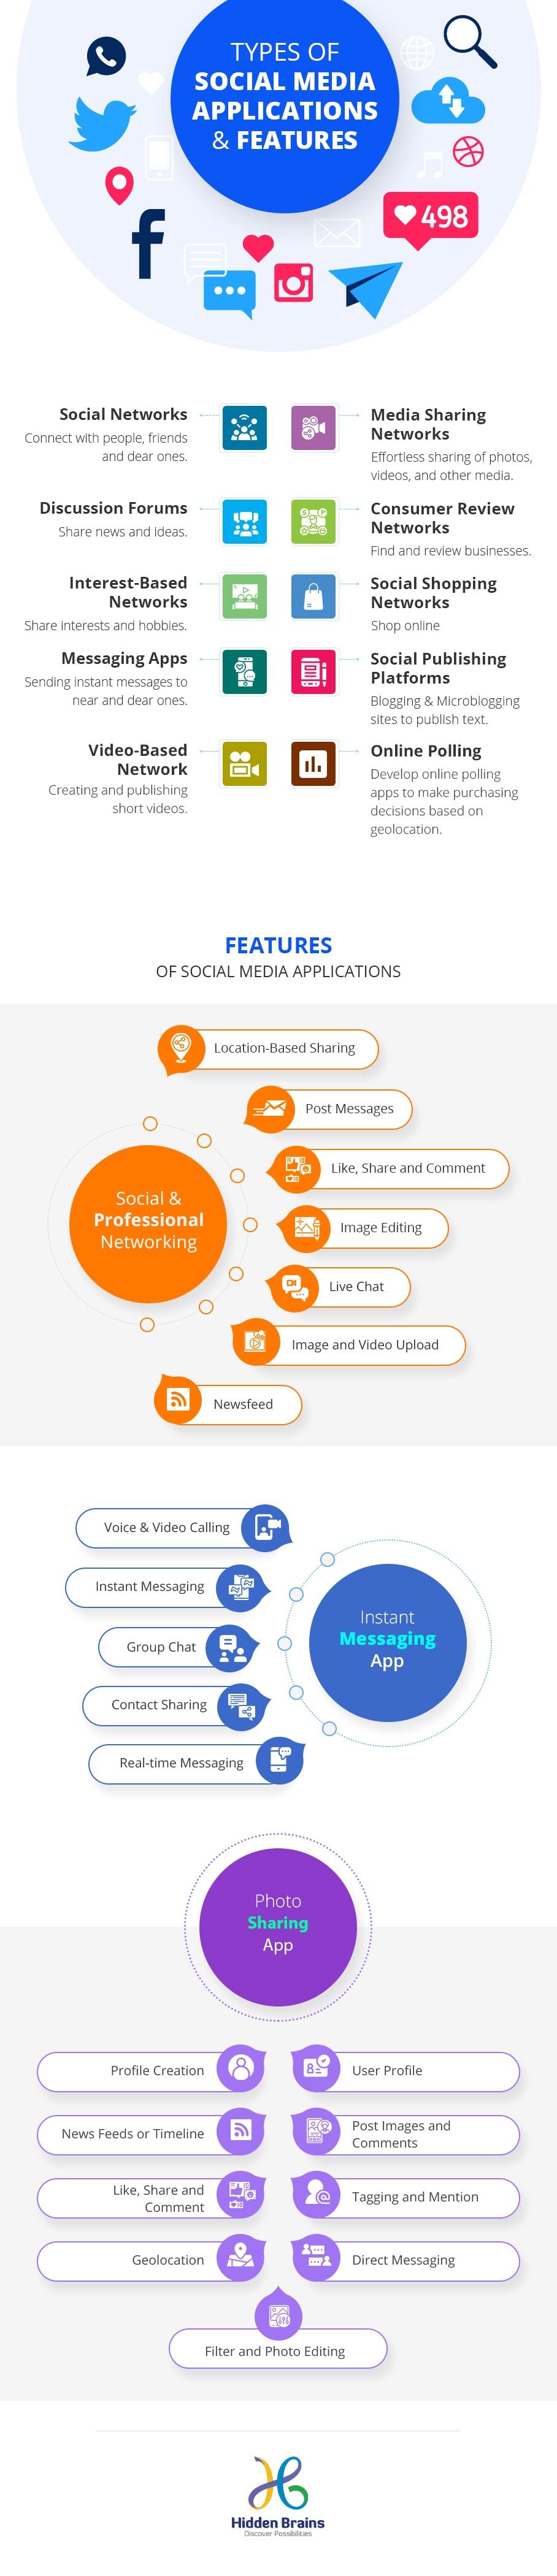 types of social media applications